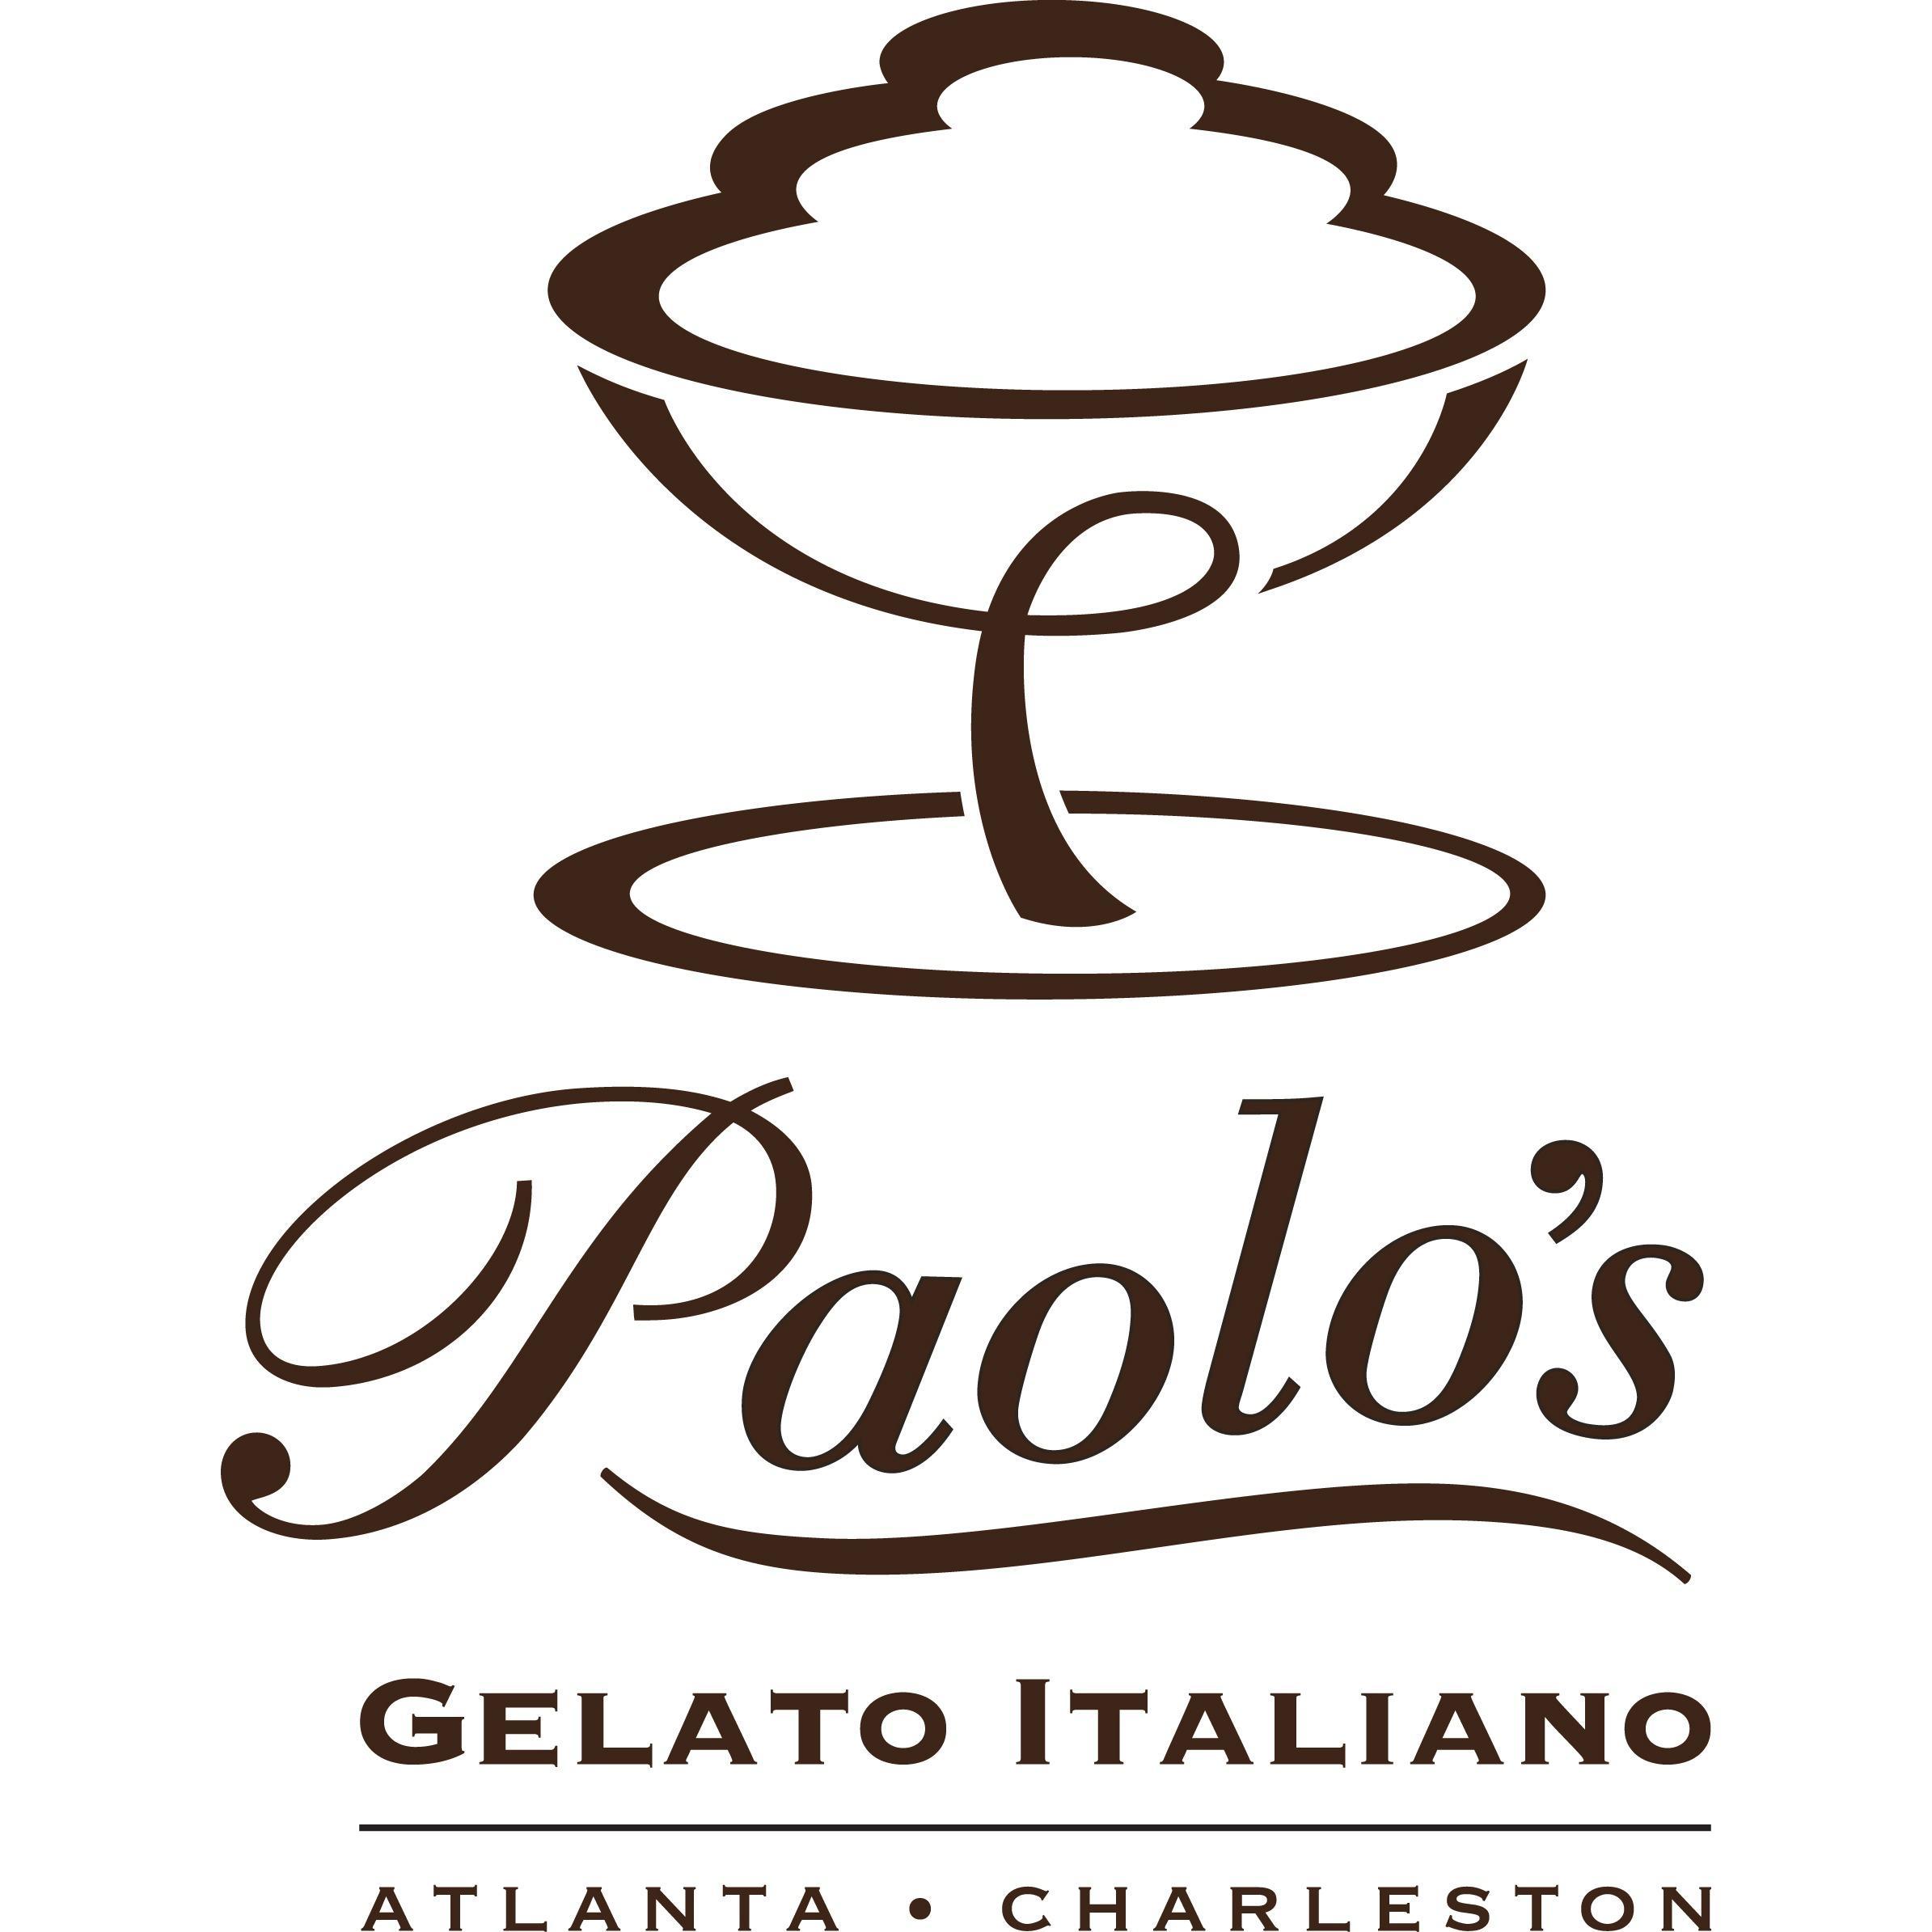 Paolo's Gelato Italiano